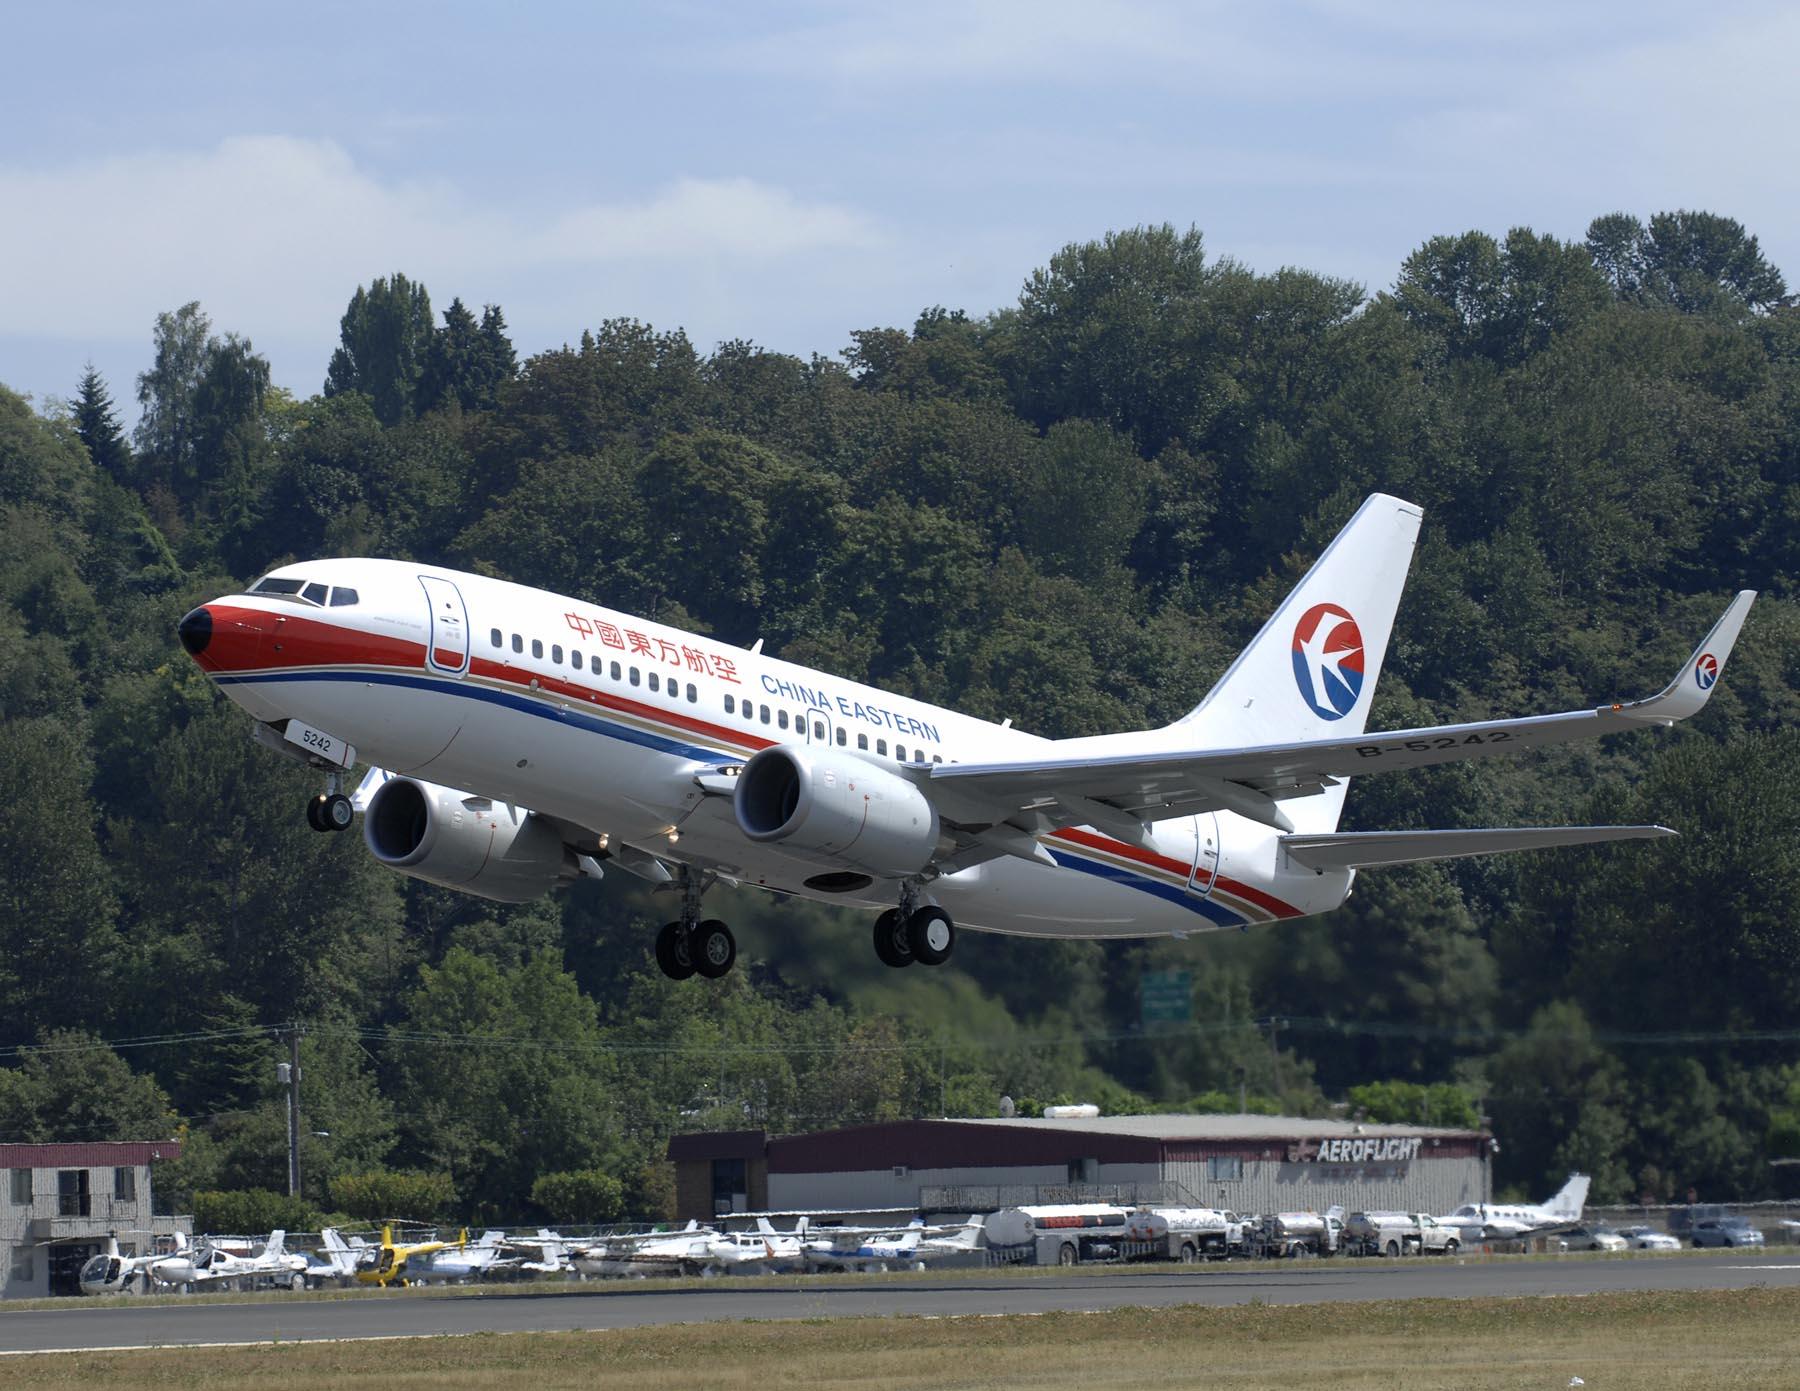 Giá vé máy bay khứ hồi TP.HCM đi Bắc Mỹ của China Eastern Airlines